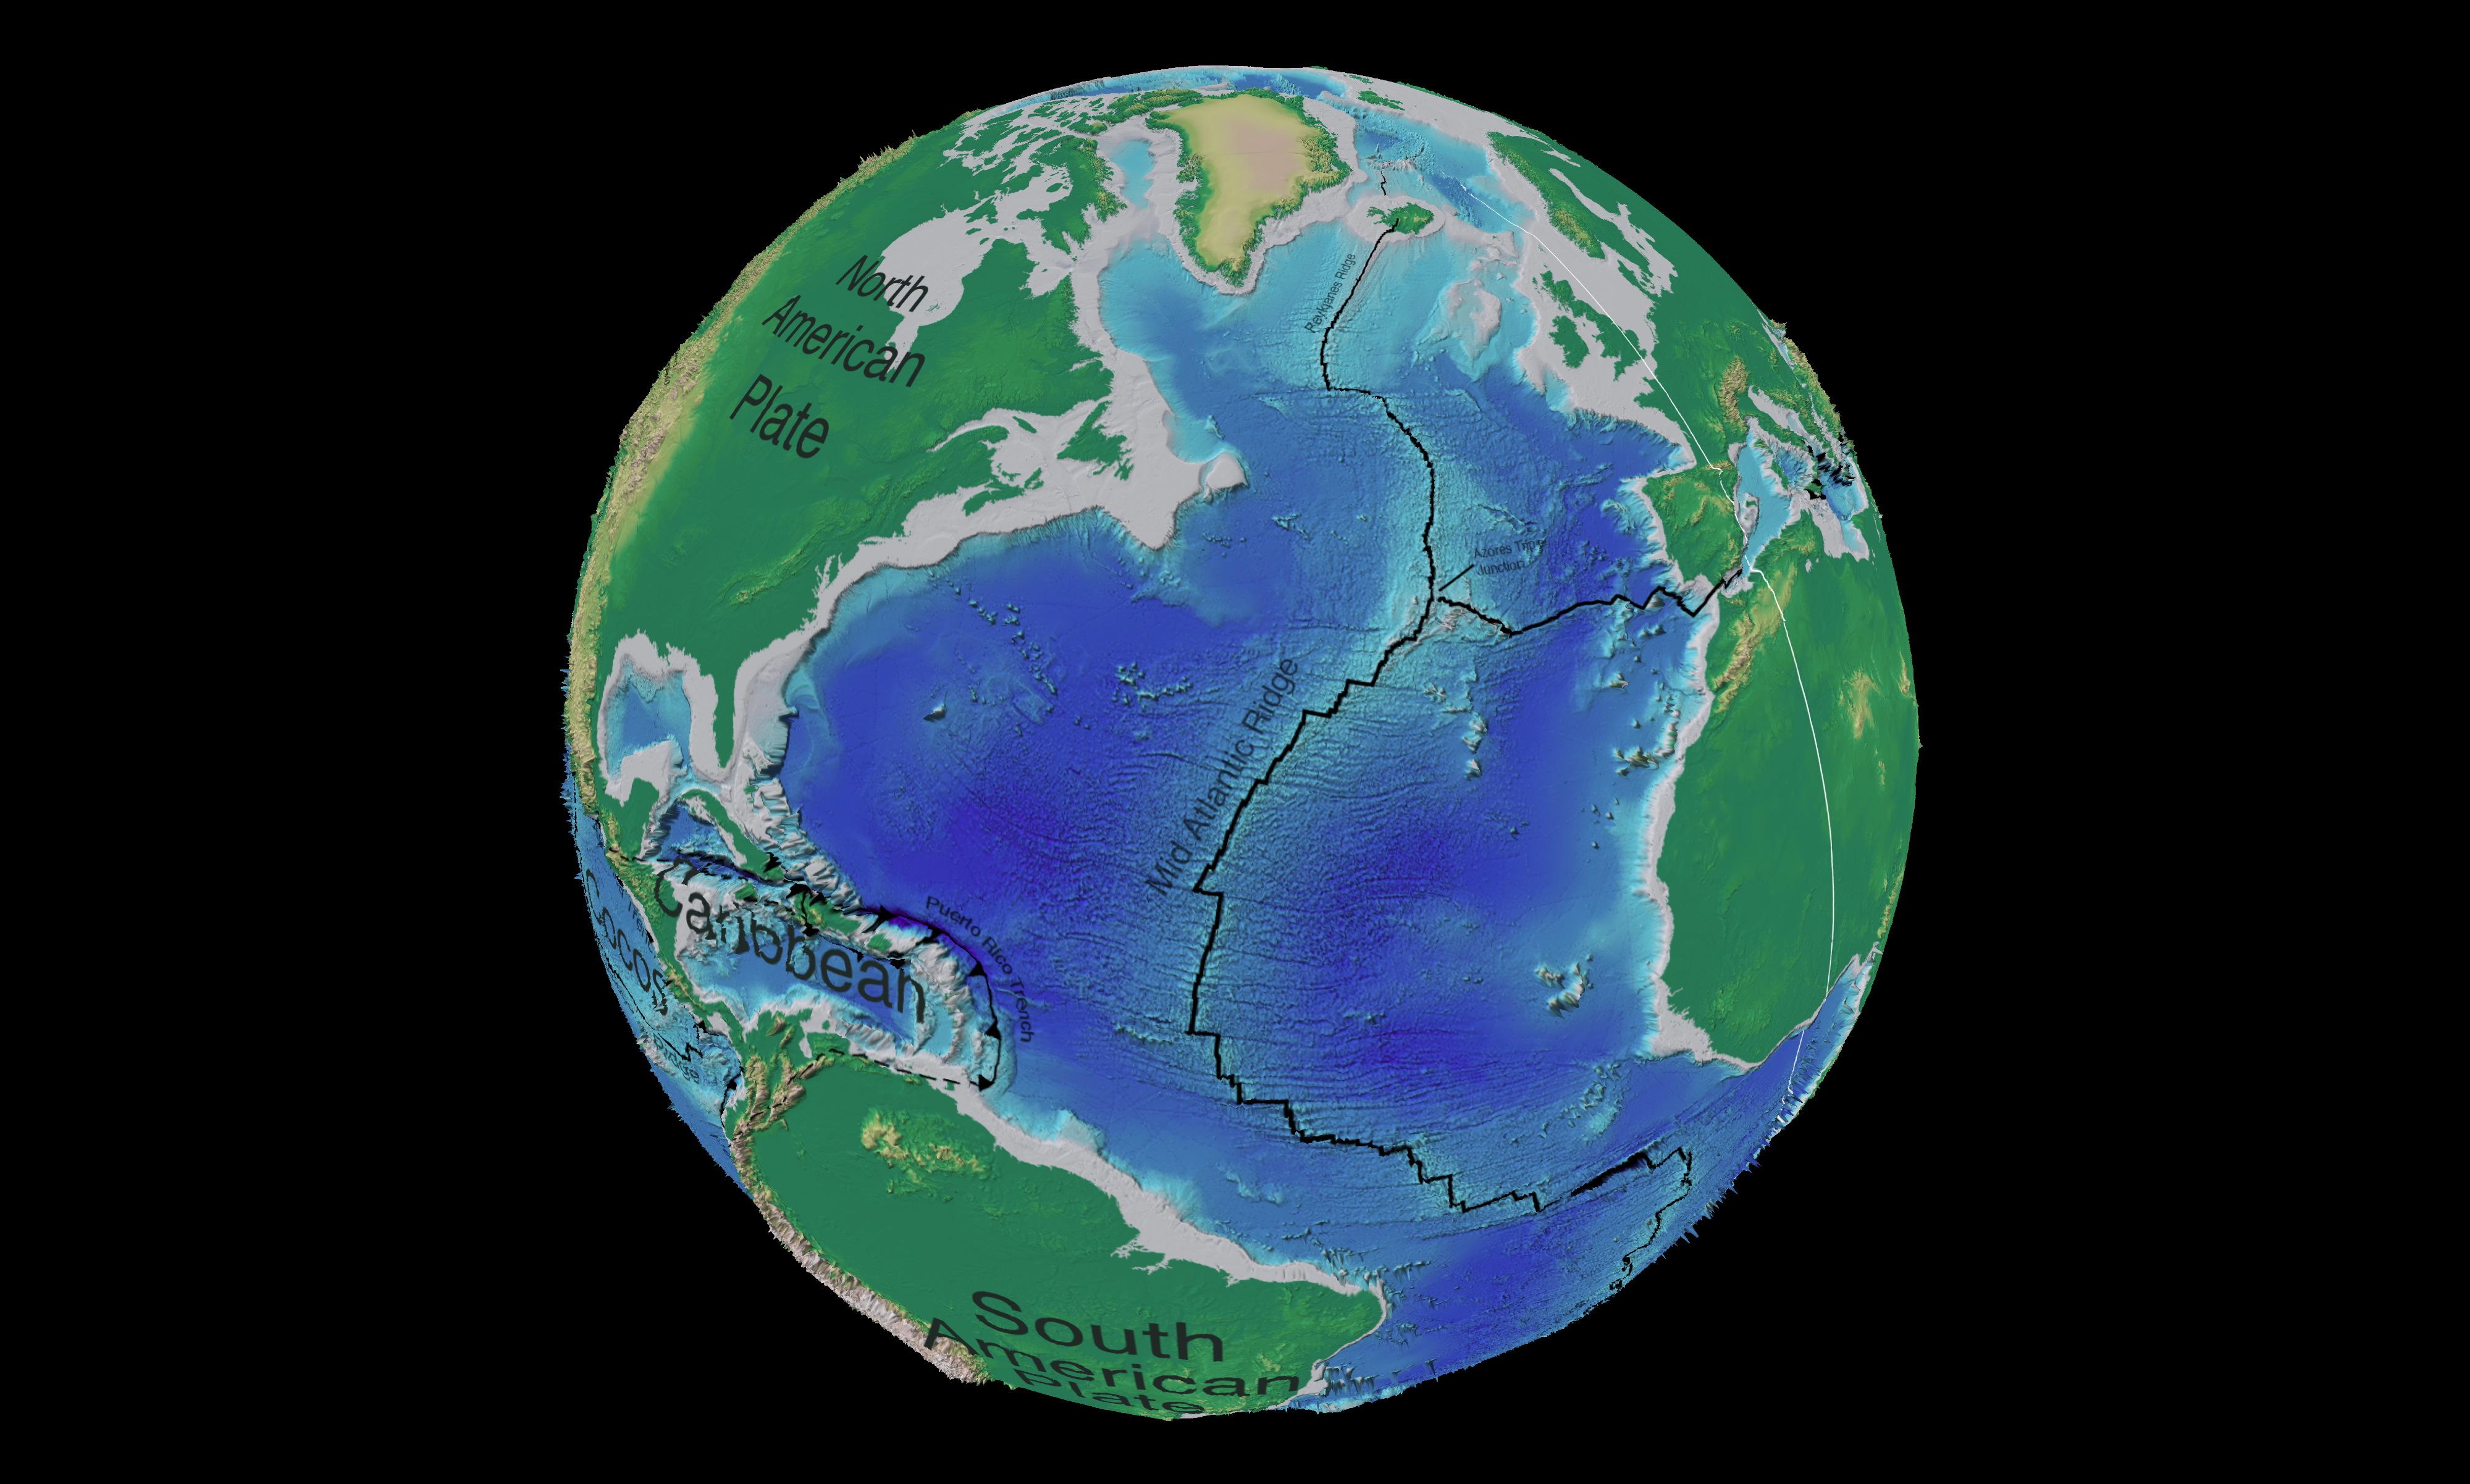 Dorsal mesoatlántica en el Océano Atlántico norte